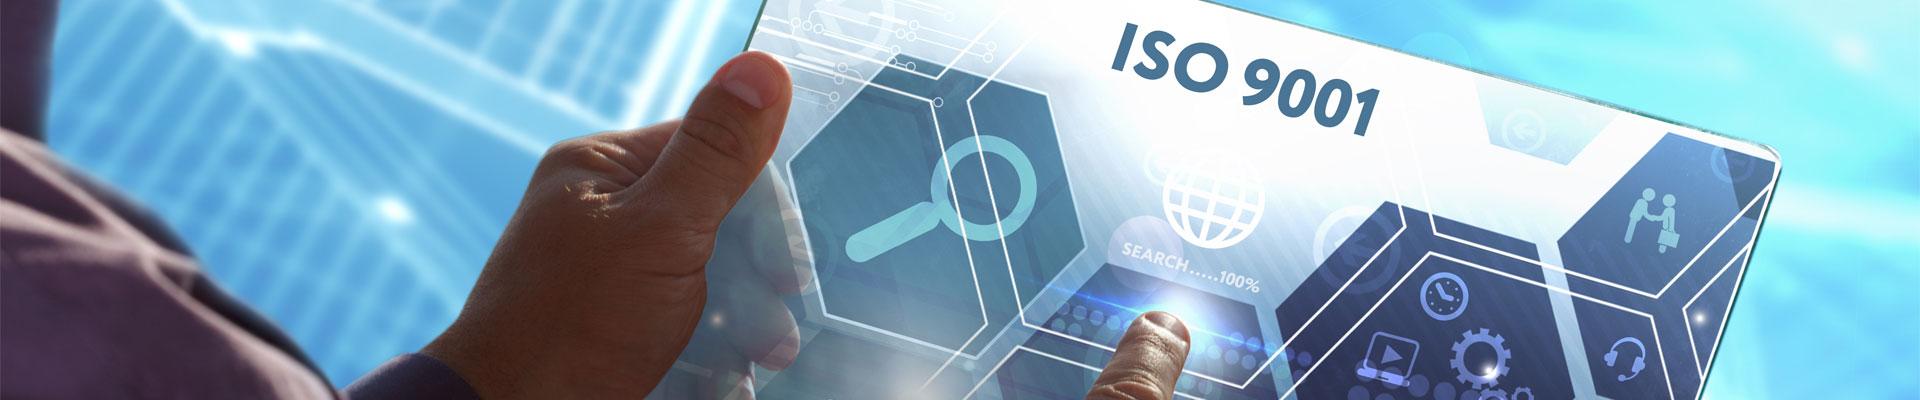 Was-ist-eine-ISO-zertifizierung_